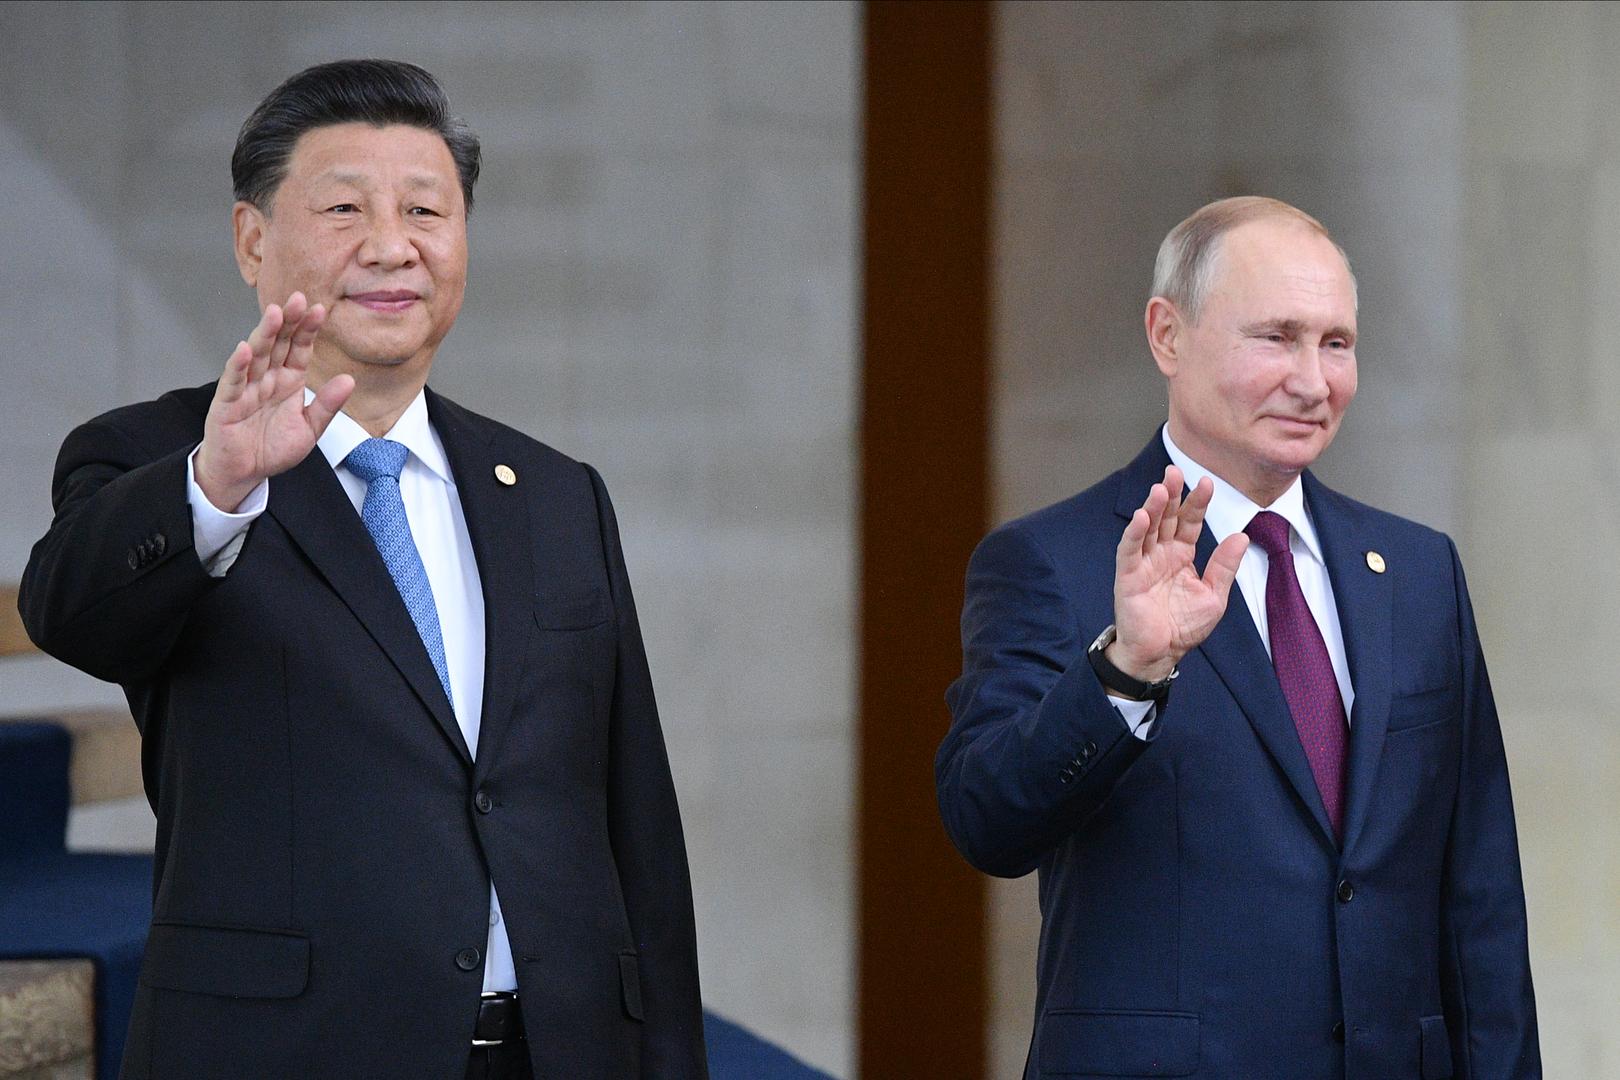 الرئيسان الروسي فلاديمير بوتين والصيني شي جين بينغ